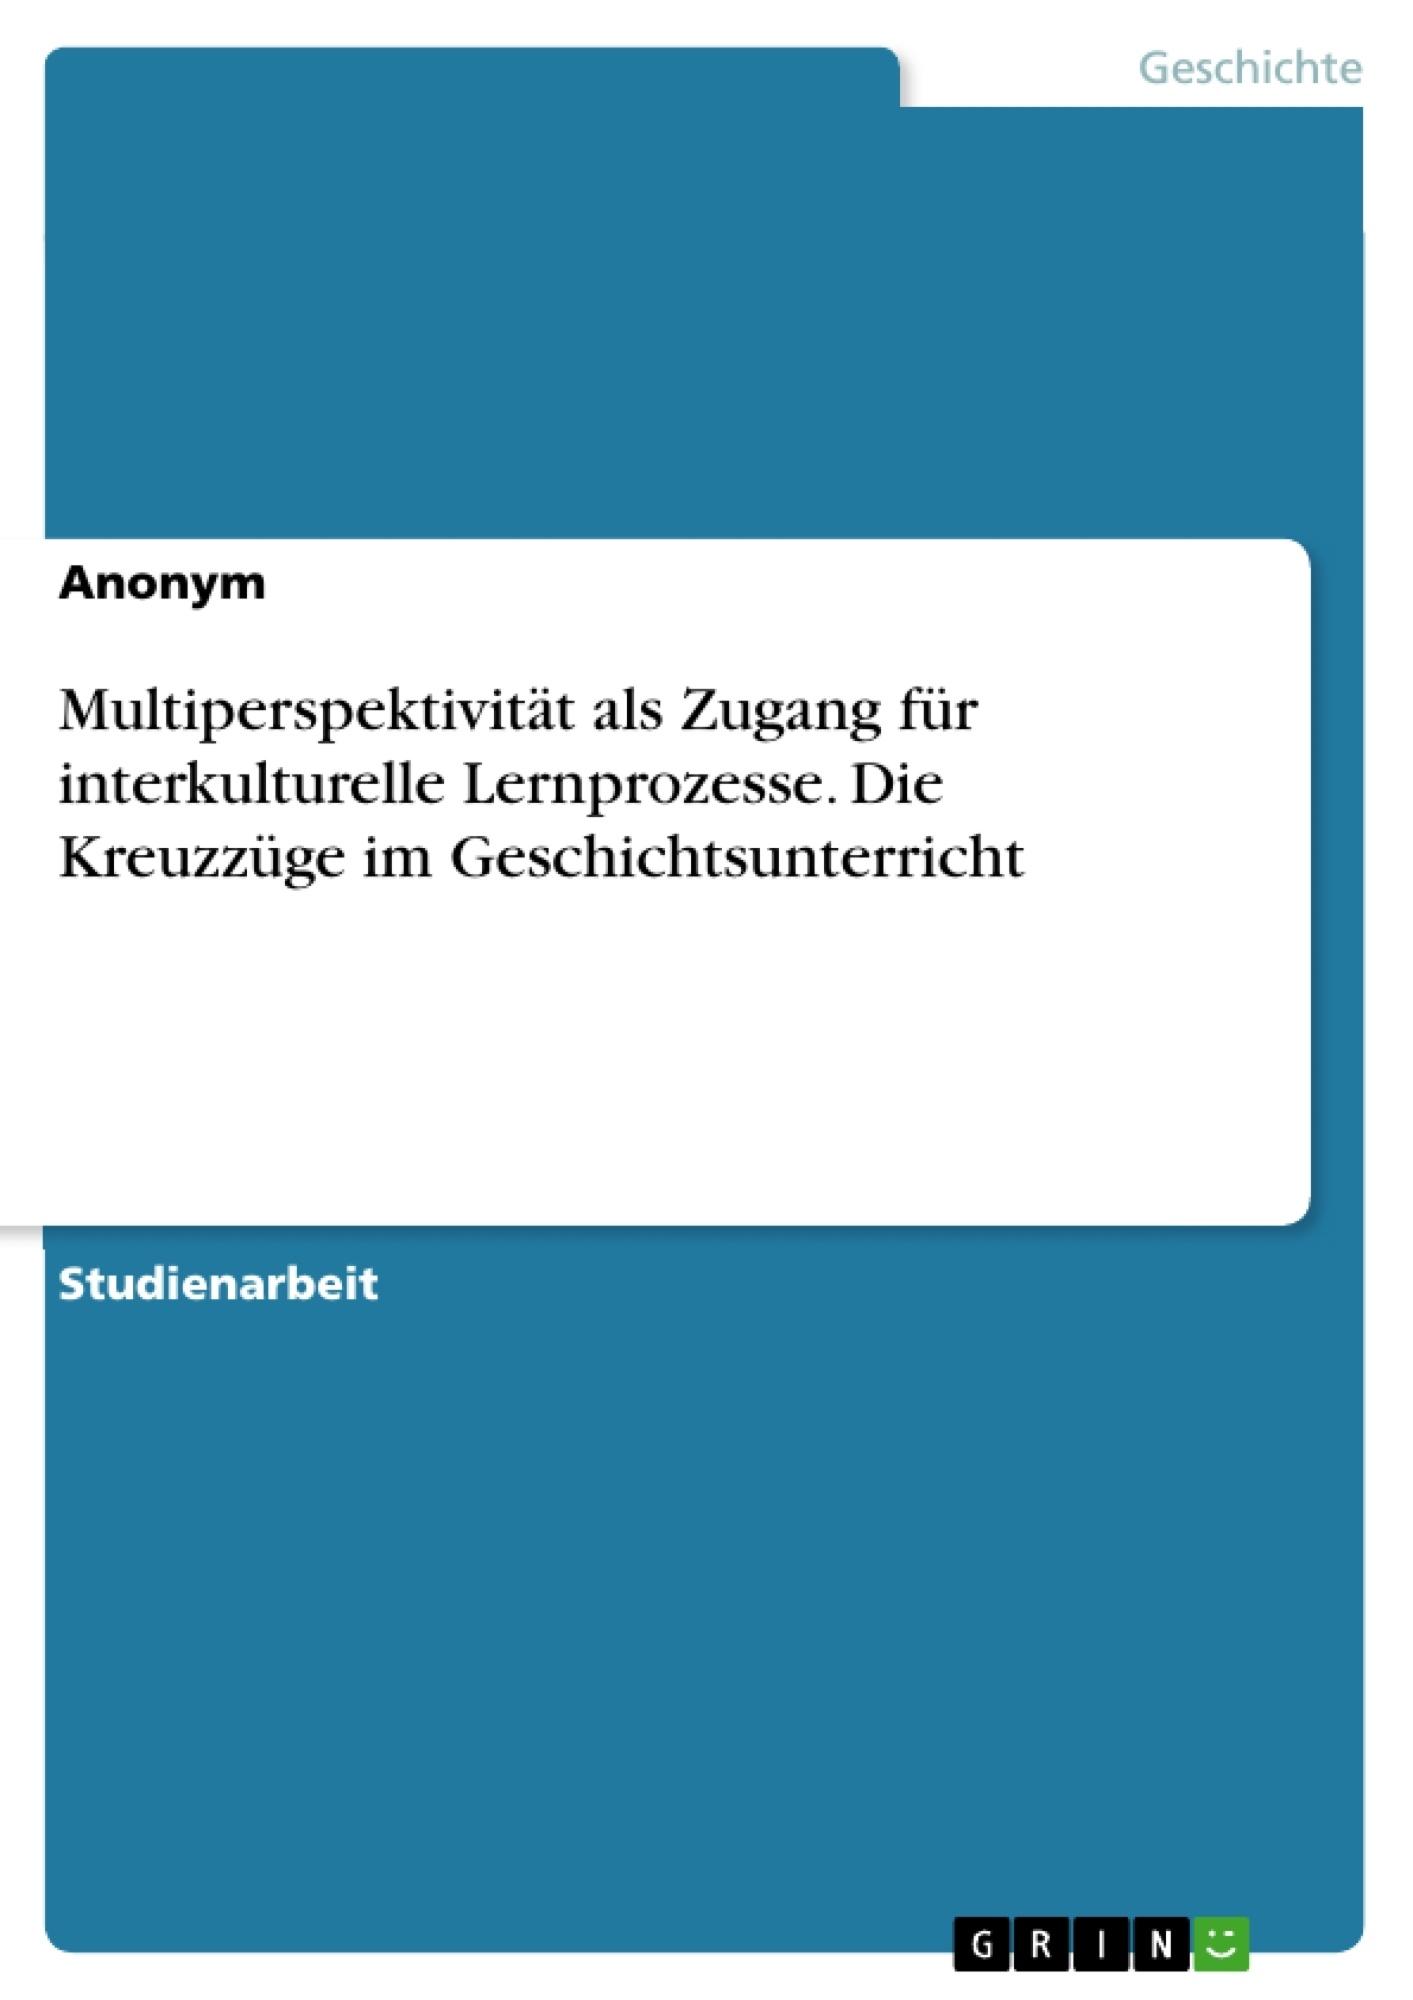 Titel: Multiperspektivität als Zugang für interkulturelle Lernprozesse. Die Kreuzzüge im Geschichtsunterricht